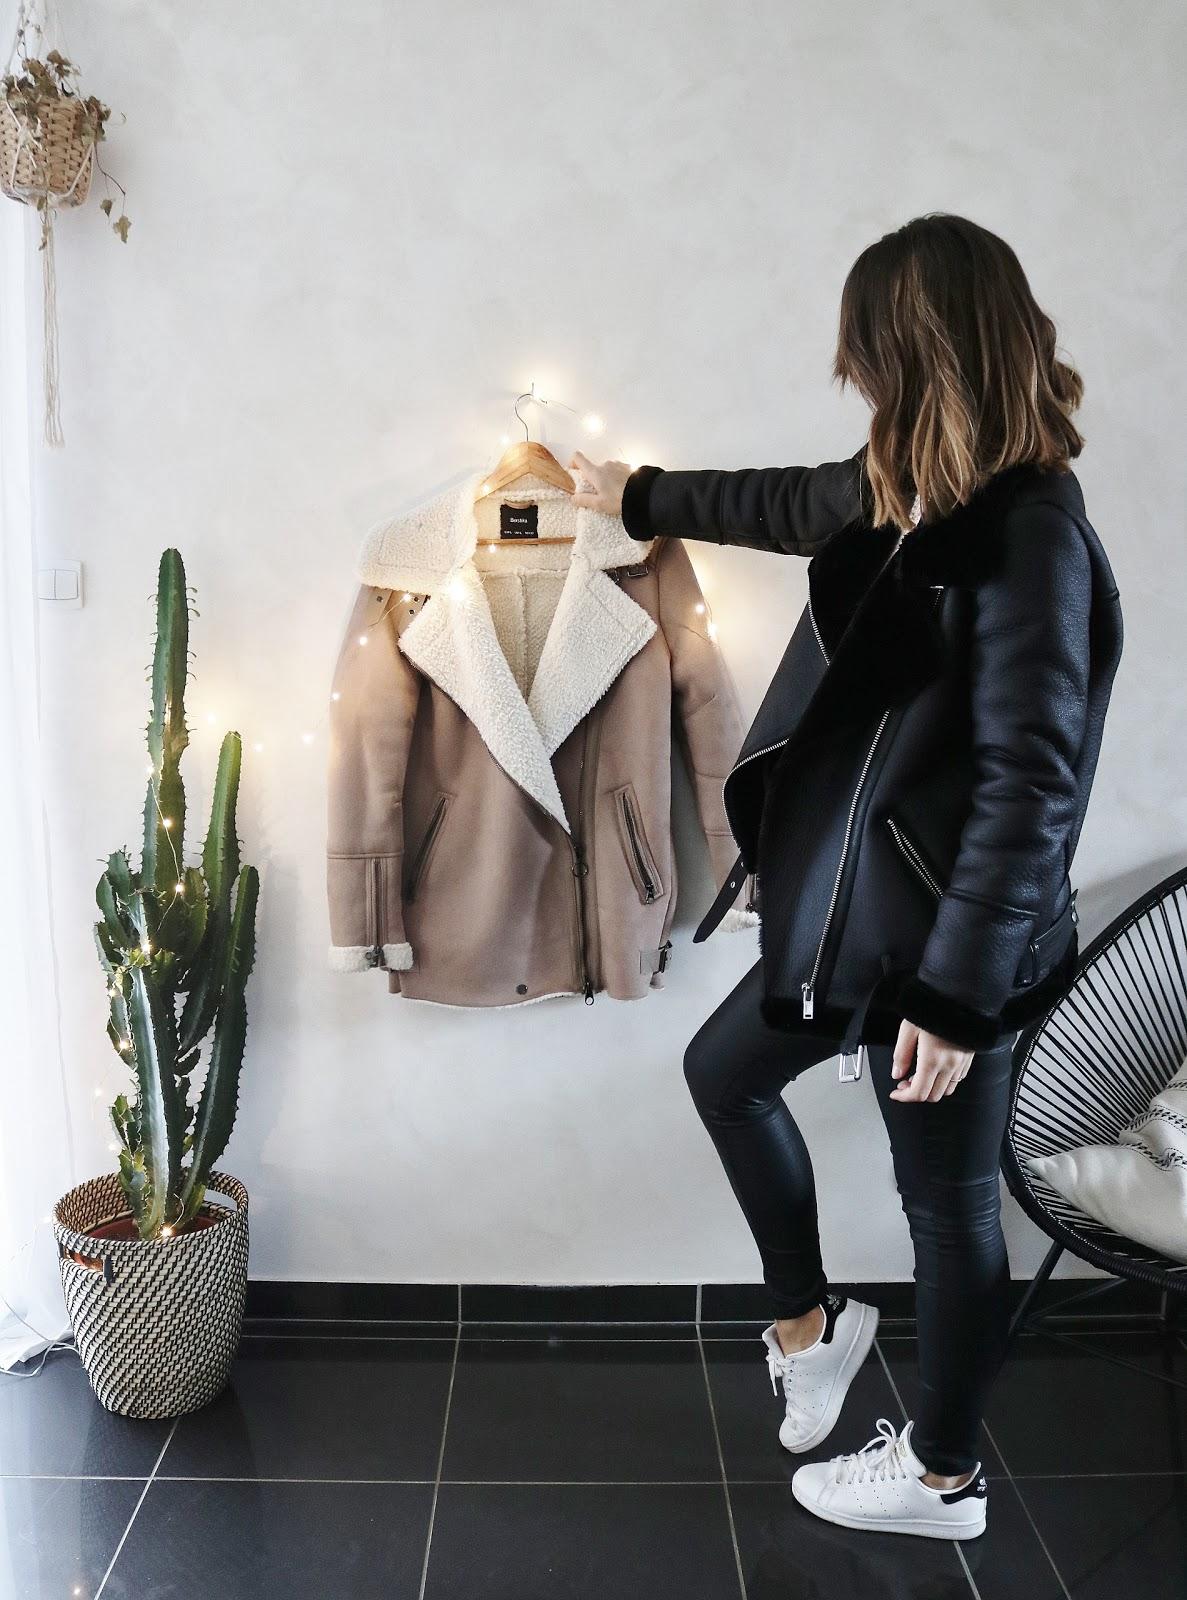 pauline-dress-selection-soldes-2018-bombardier-beige-noir-blog-mode-deco-lifestyle-besancon